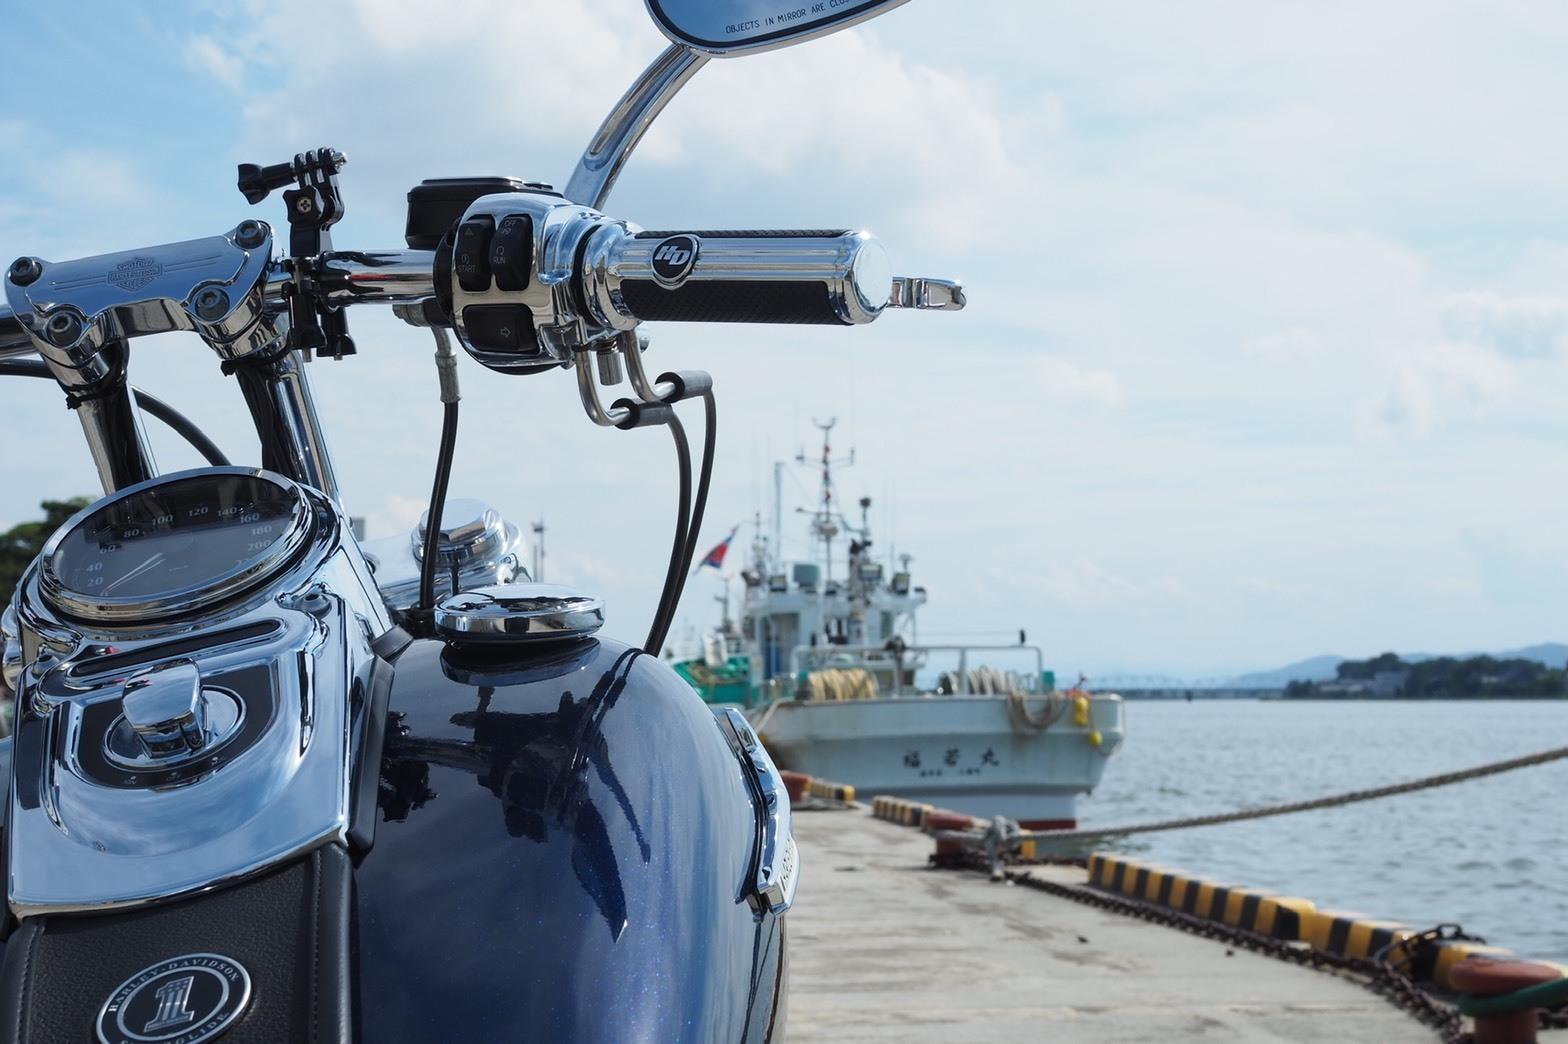 ぴーきちハーレーブログ 福井金沢ツーリング 三国港 漁船とハーレー